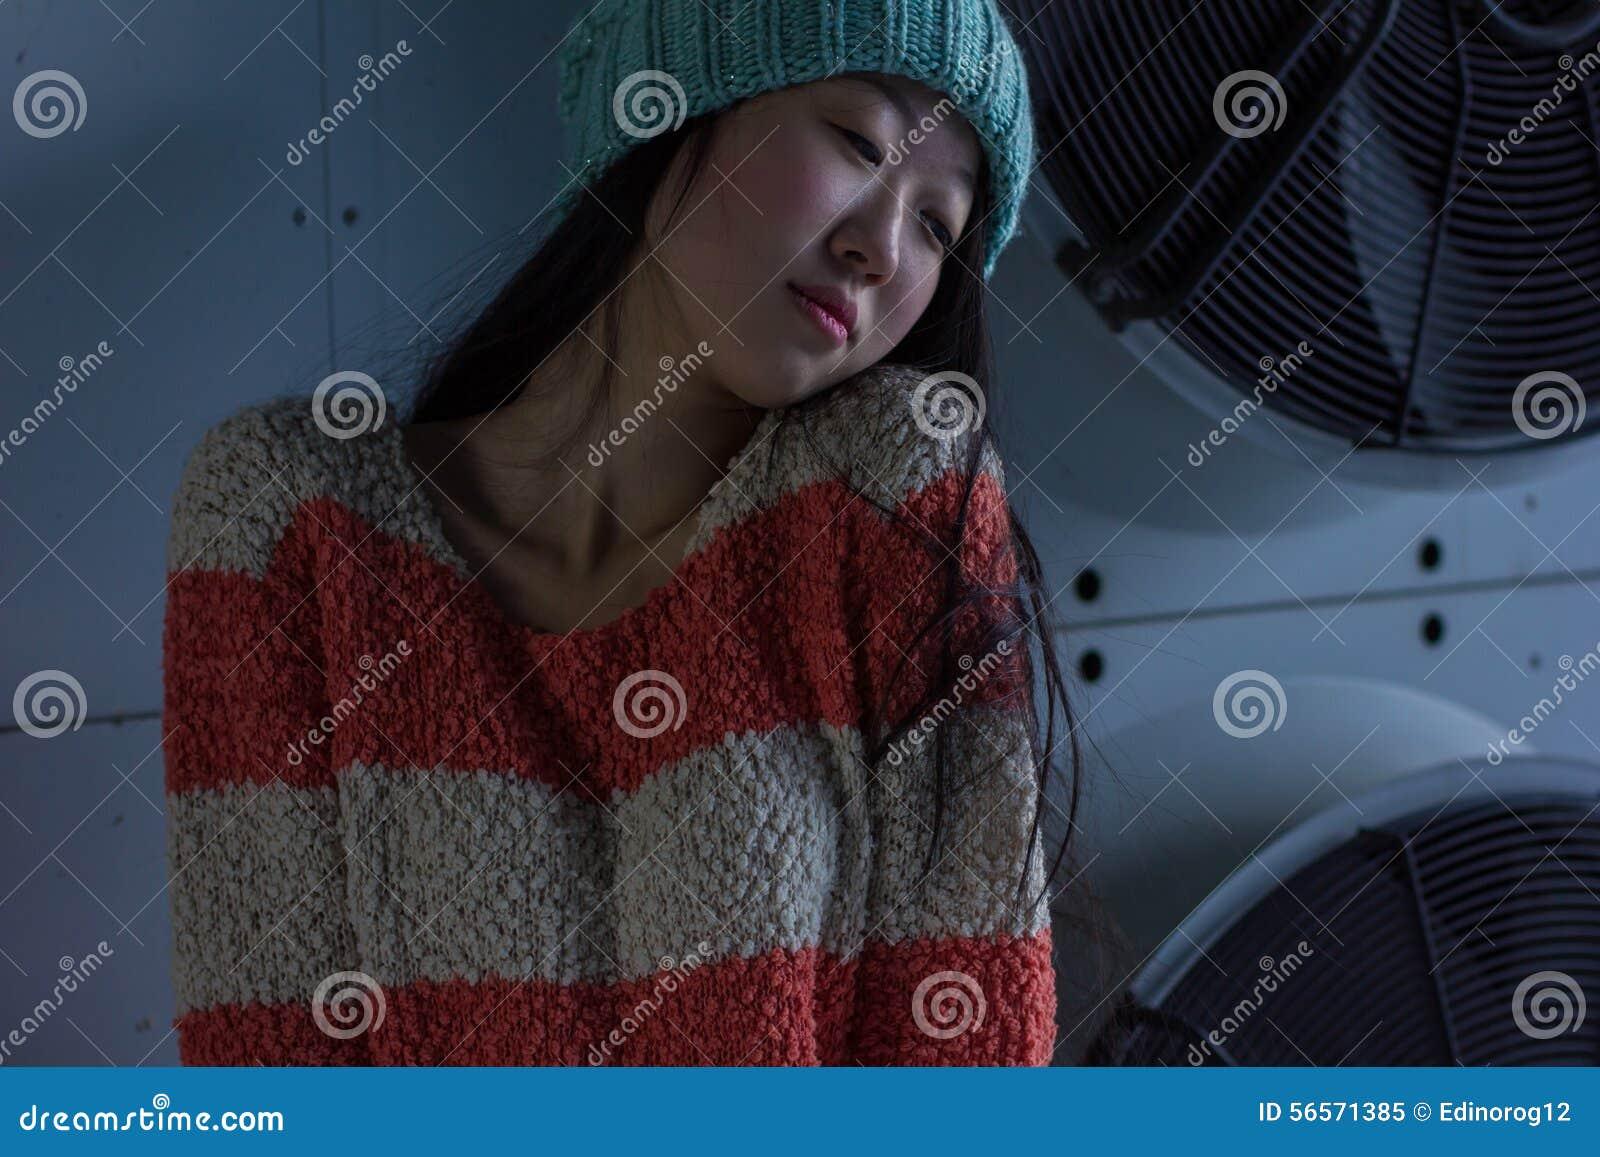 Download Πορτρέτο του μοντέρνου ασιατικού κοριτσιού στην οδό Στοκ Εικόνα - εικόνα από πολύ, ανατολικός: 56571385